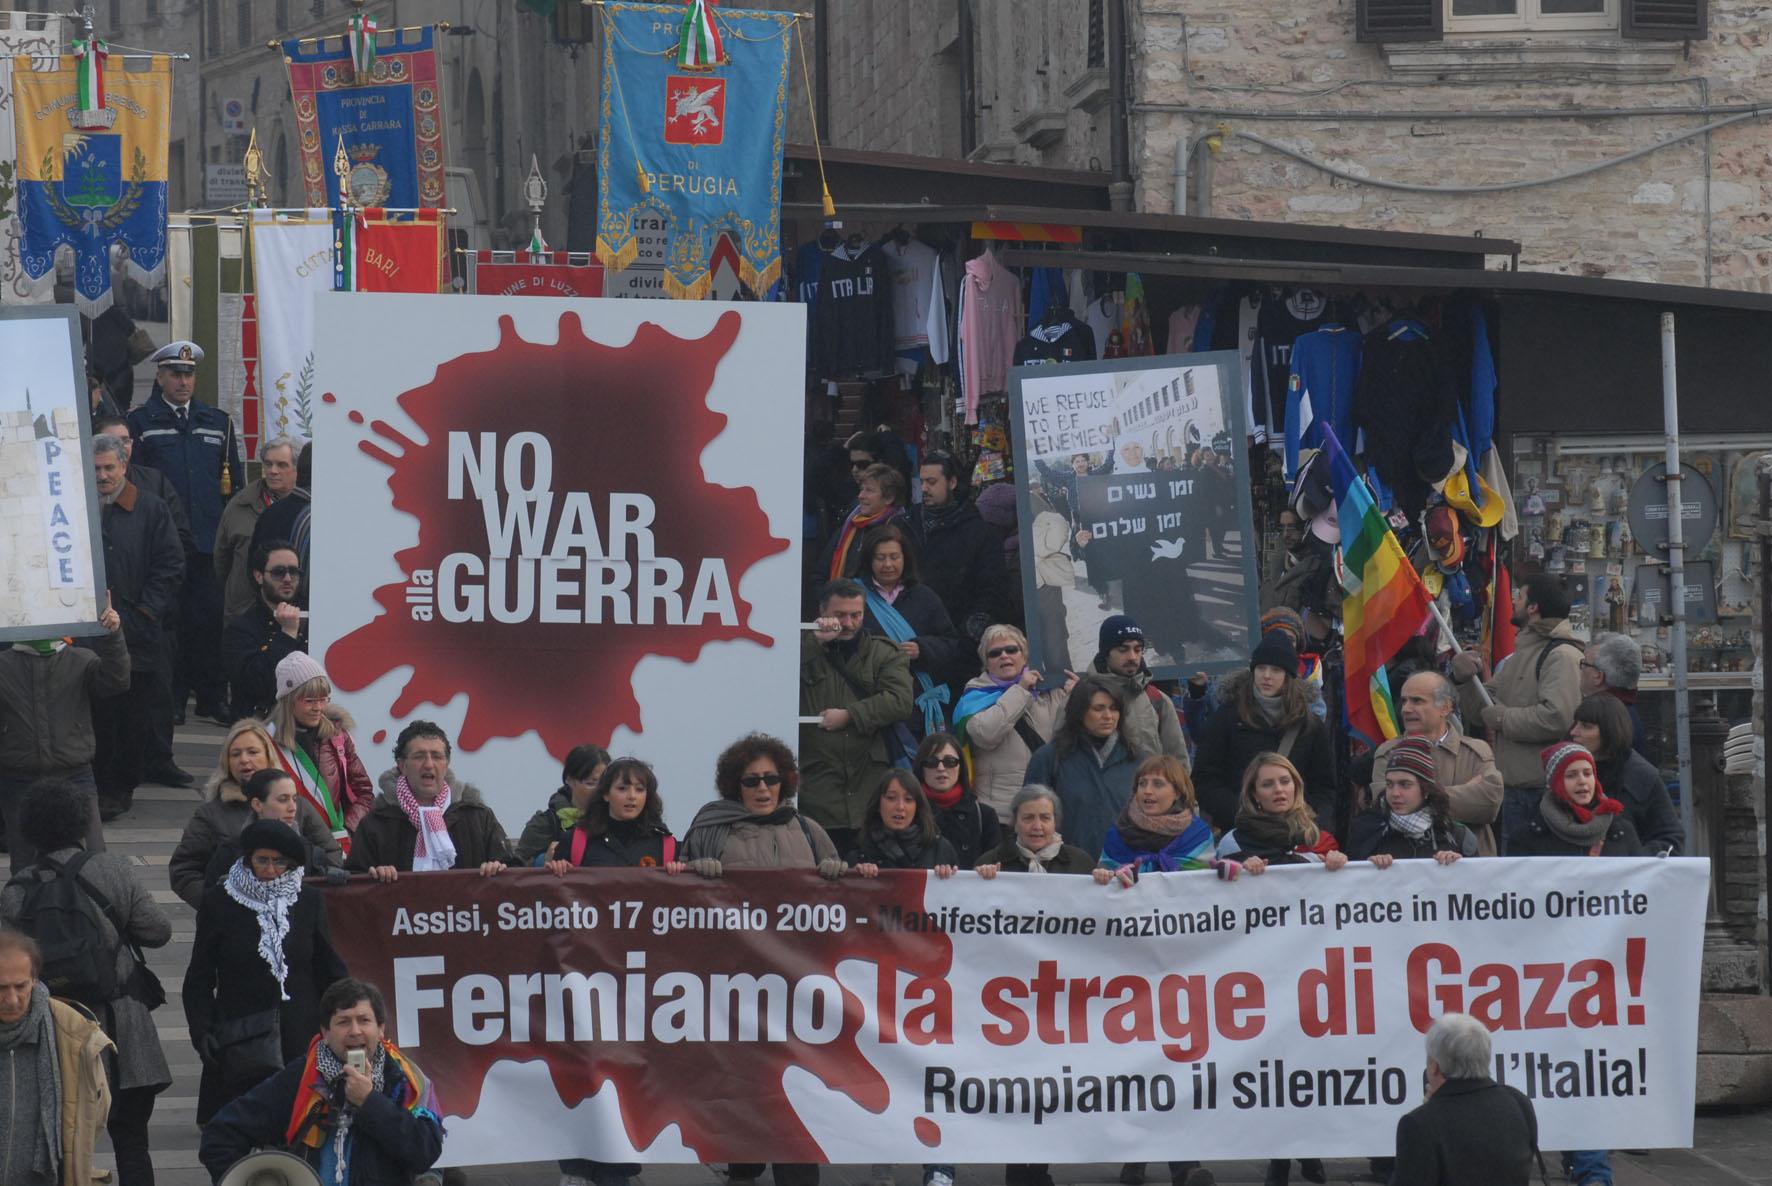 Dopo Assisi: Tre cose da fare ora insieme per la pace in Medio Oriente